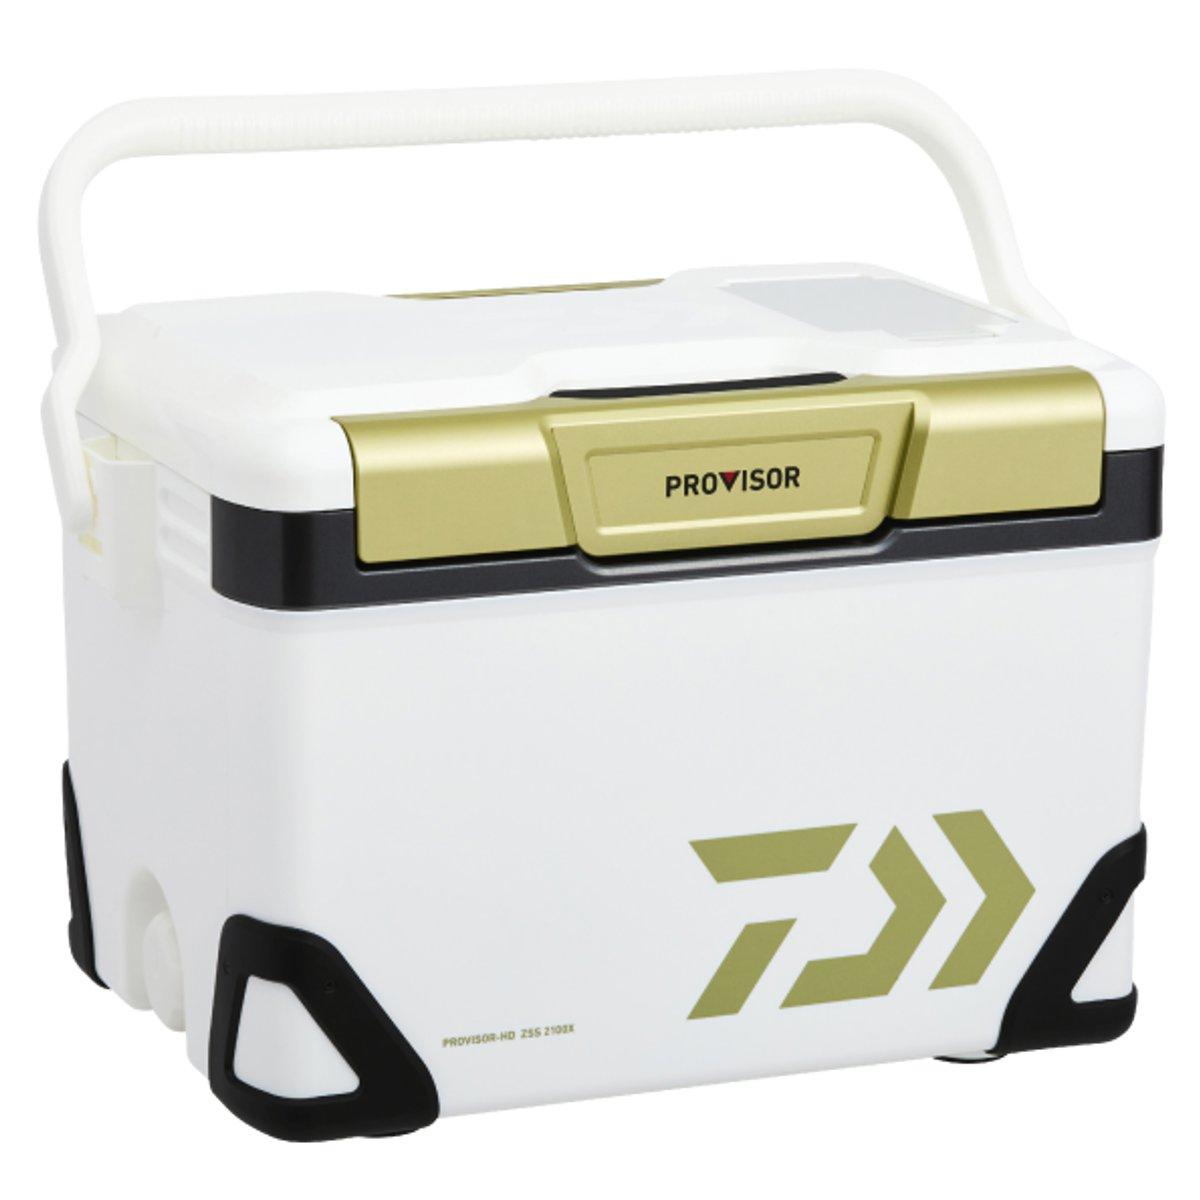 ダイワ プロバイザー HD ZSS 2100X シャンパンゴールド クーラーボックス(東日本店)【同梱不可】